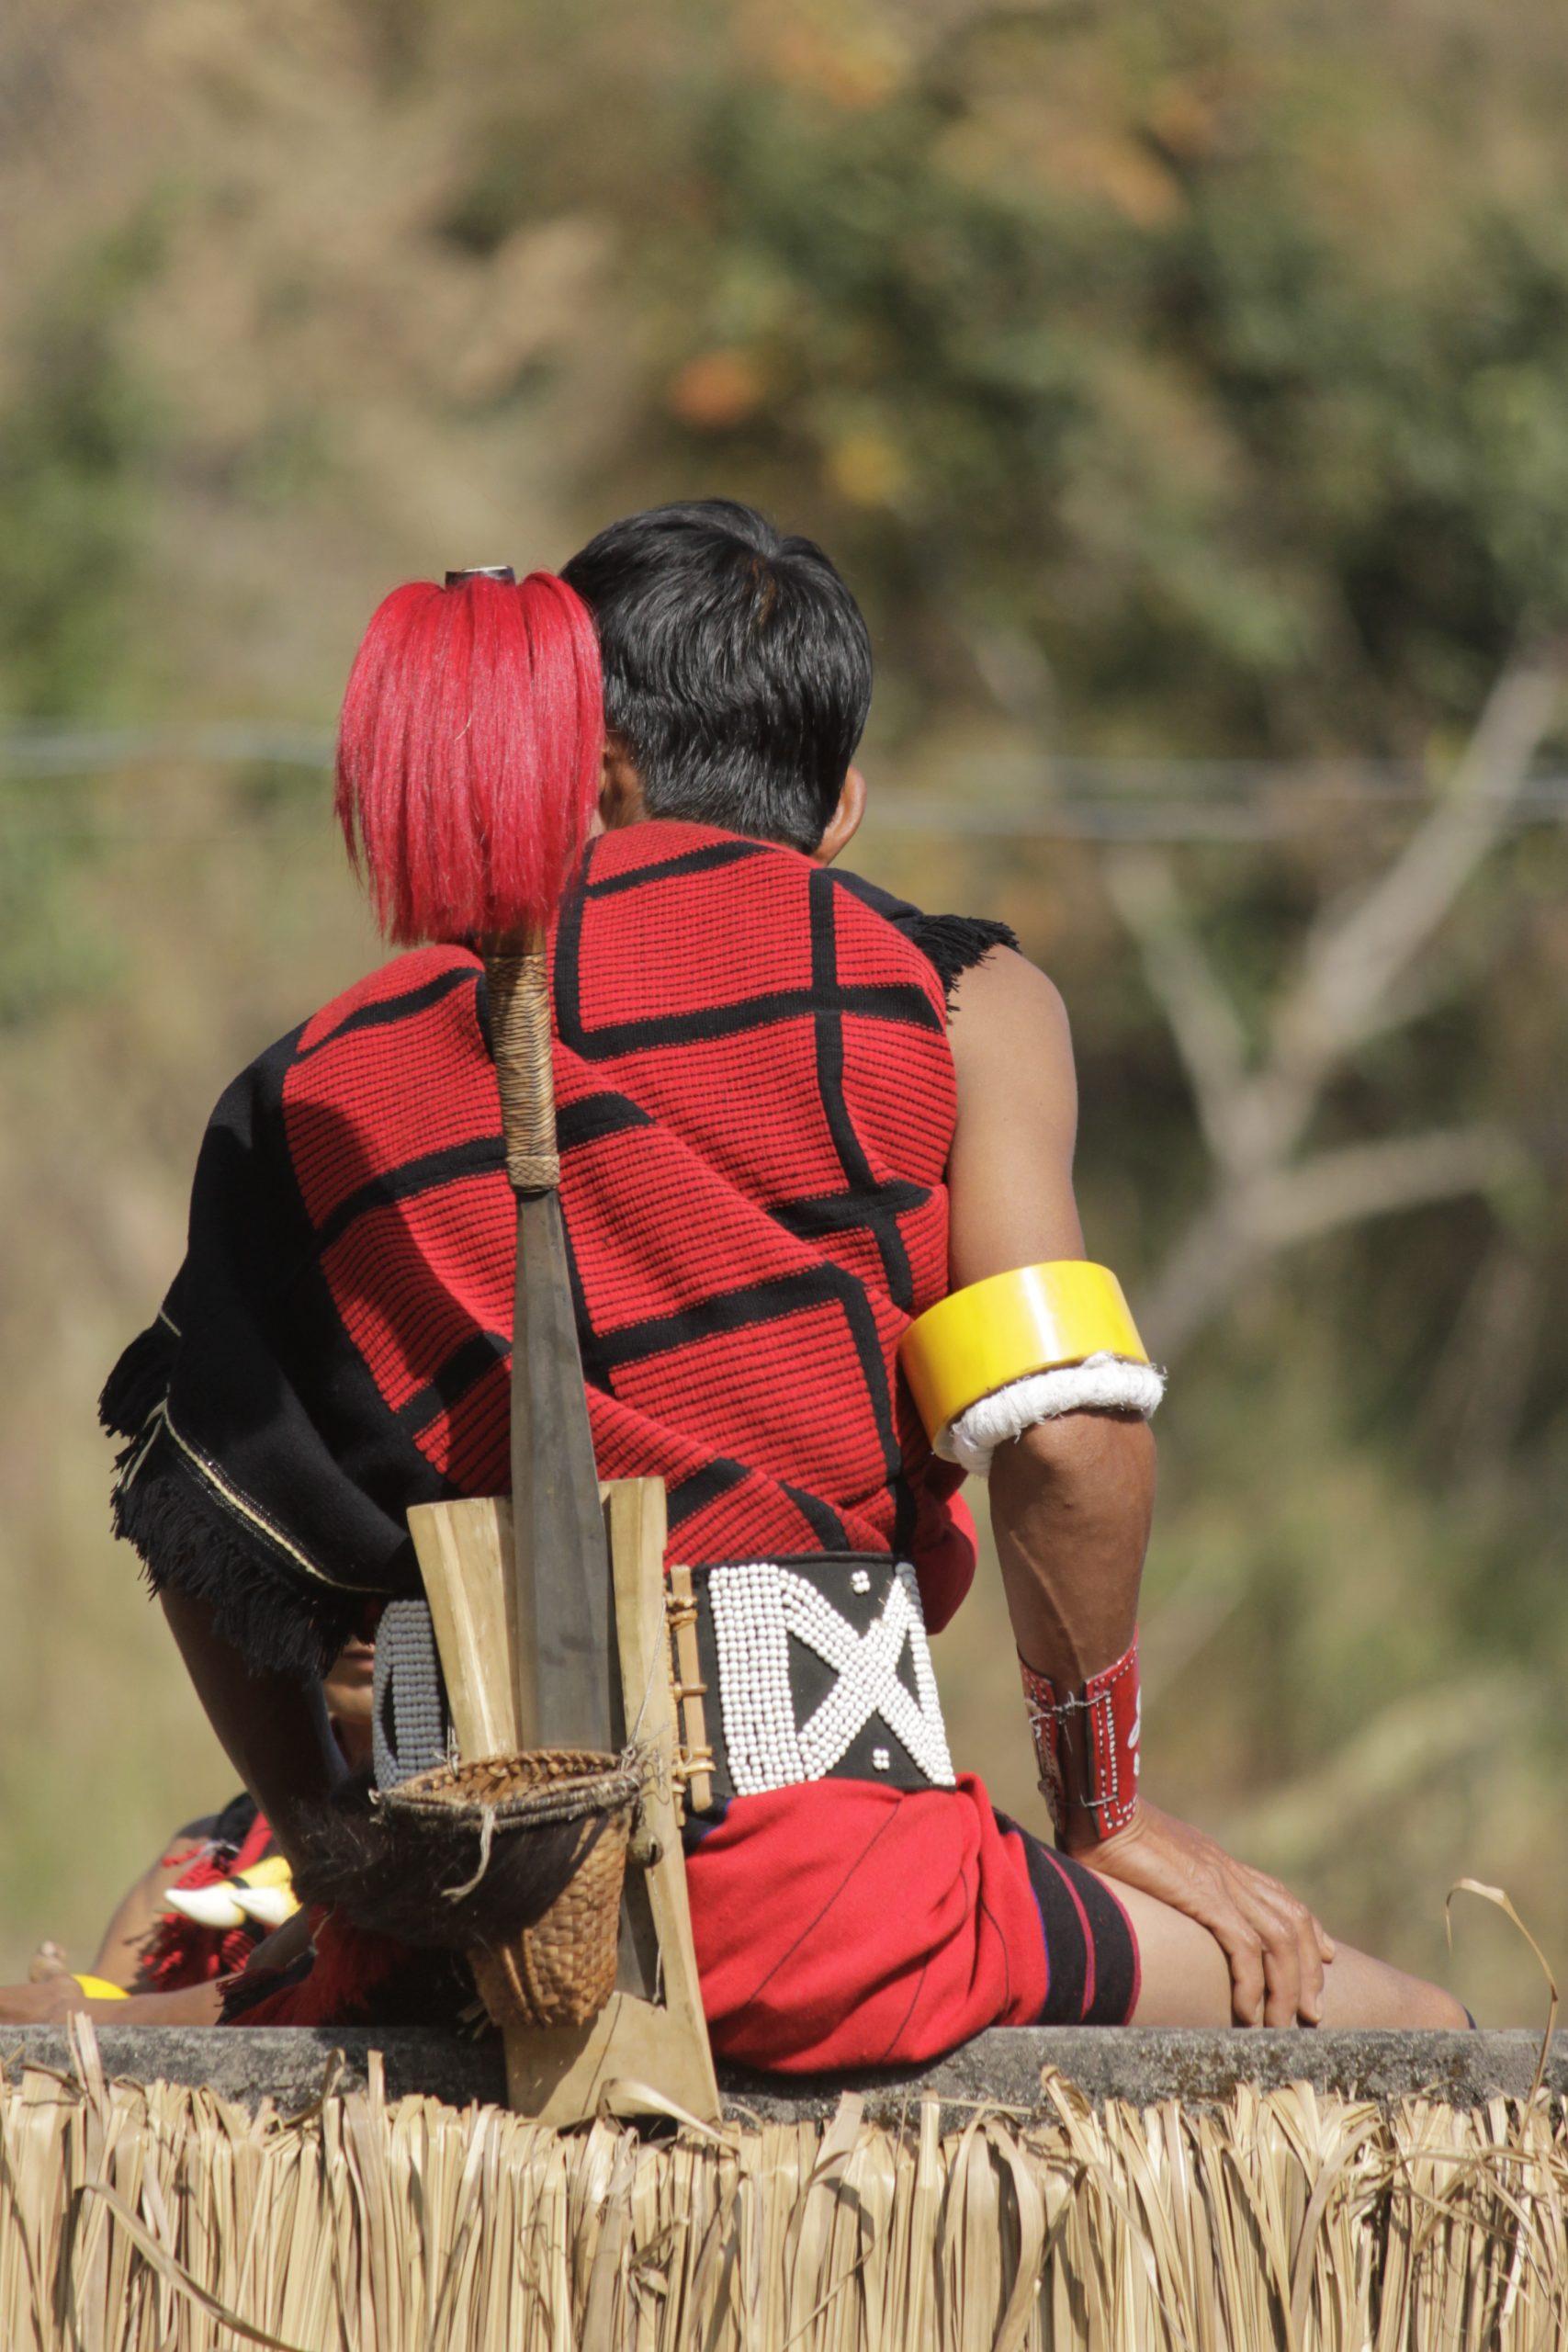 Nagaland Tribe man